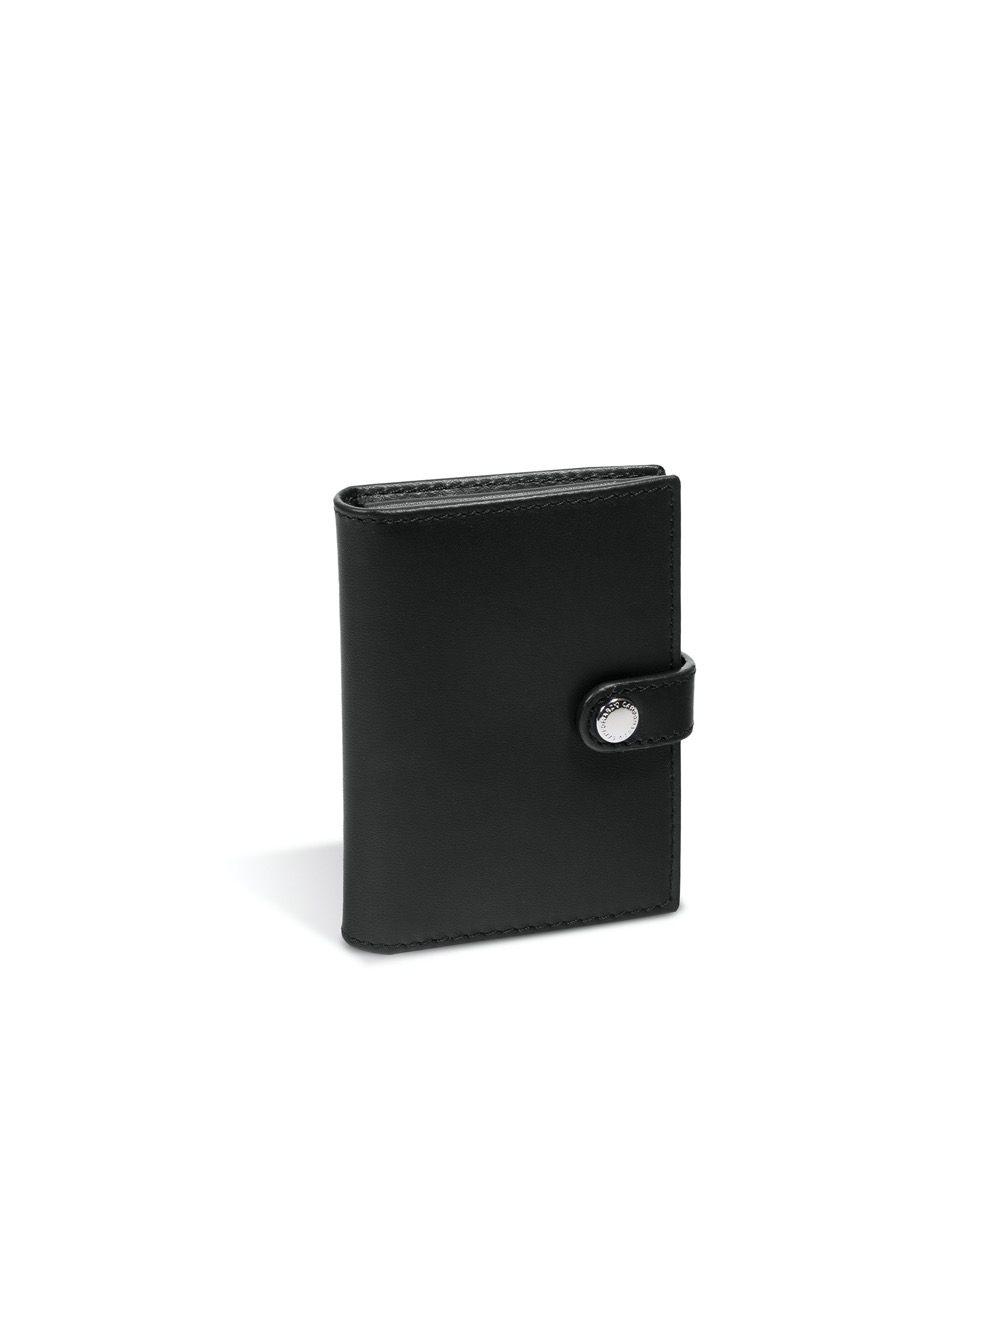 Romy Business Card Holder - Black